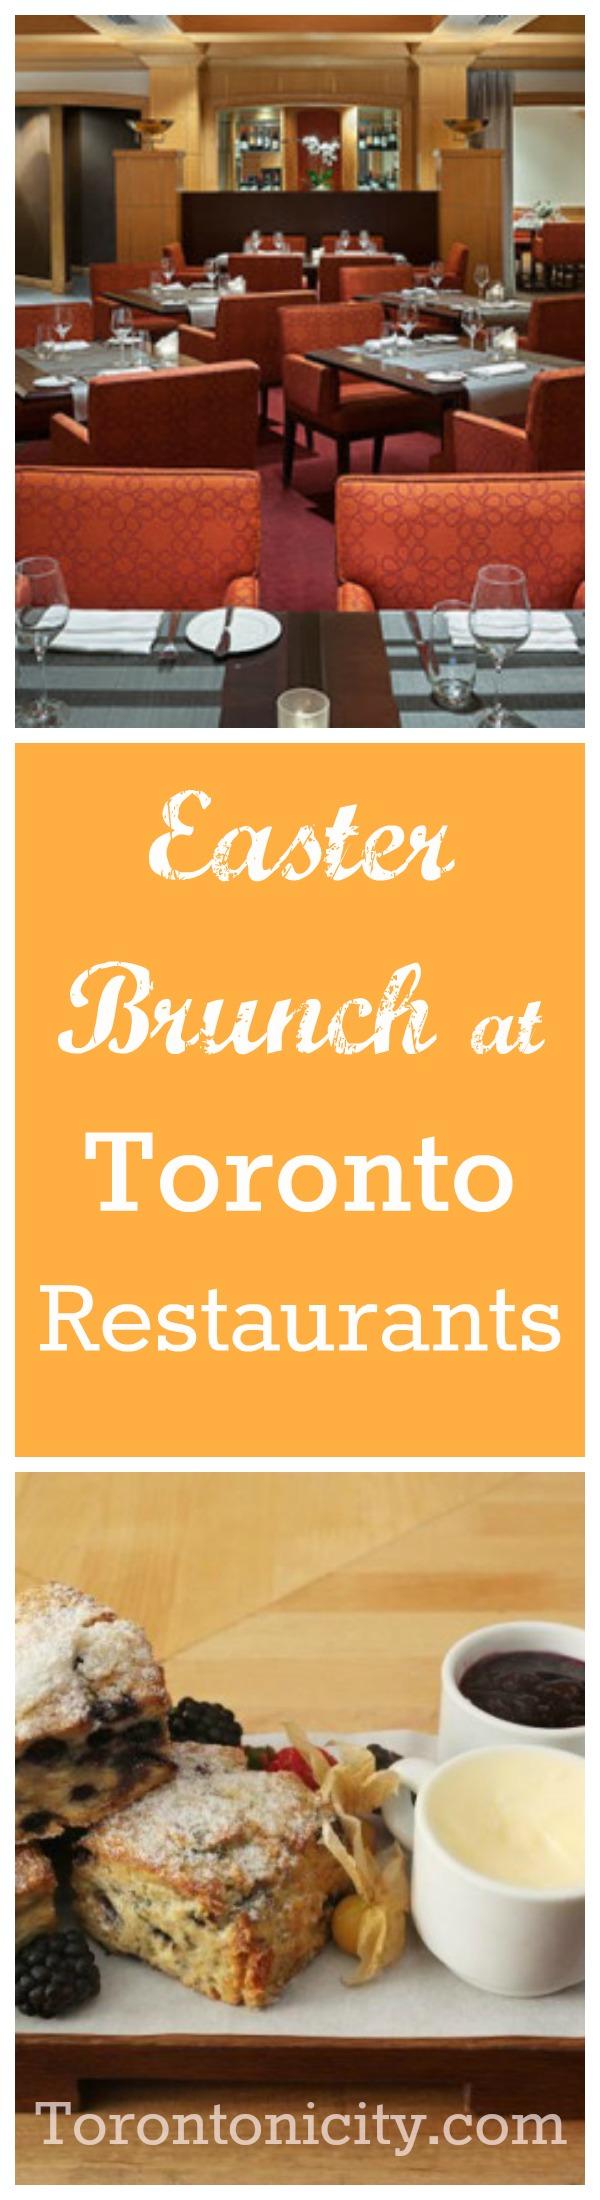 Easter Brunch at Toronto Restaurants 2016 collage